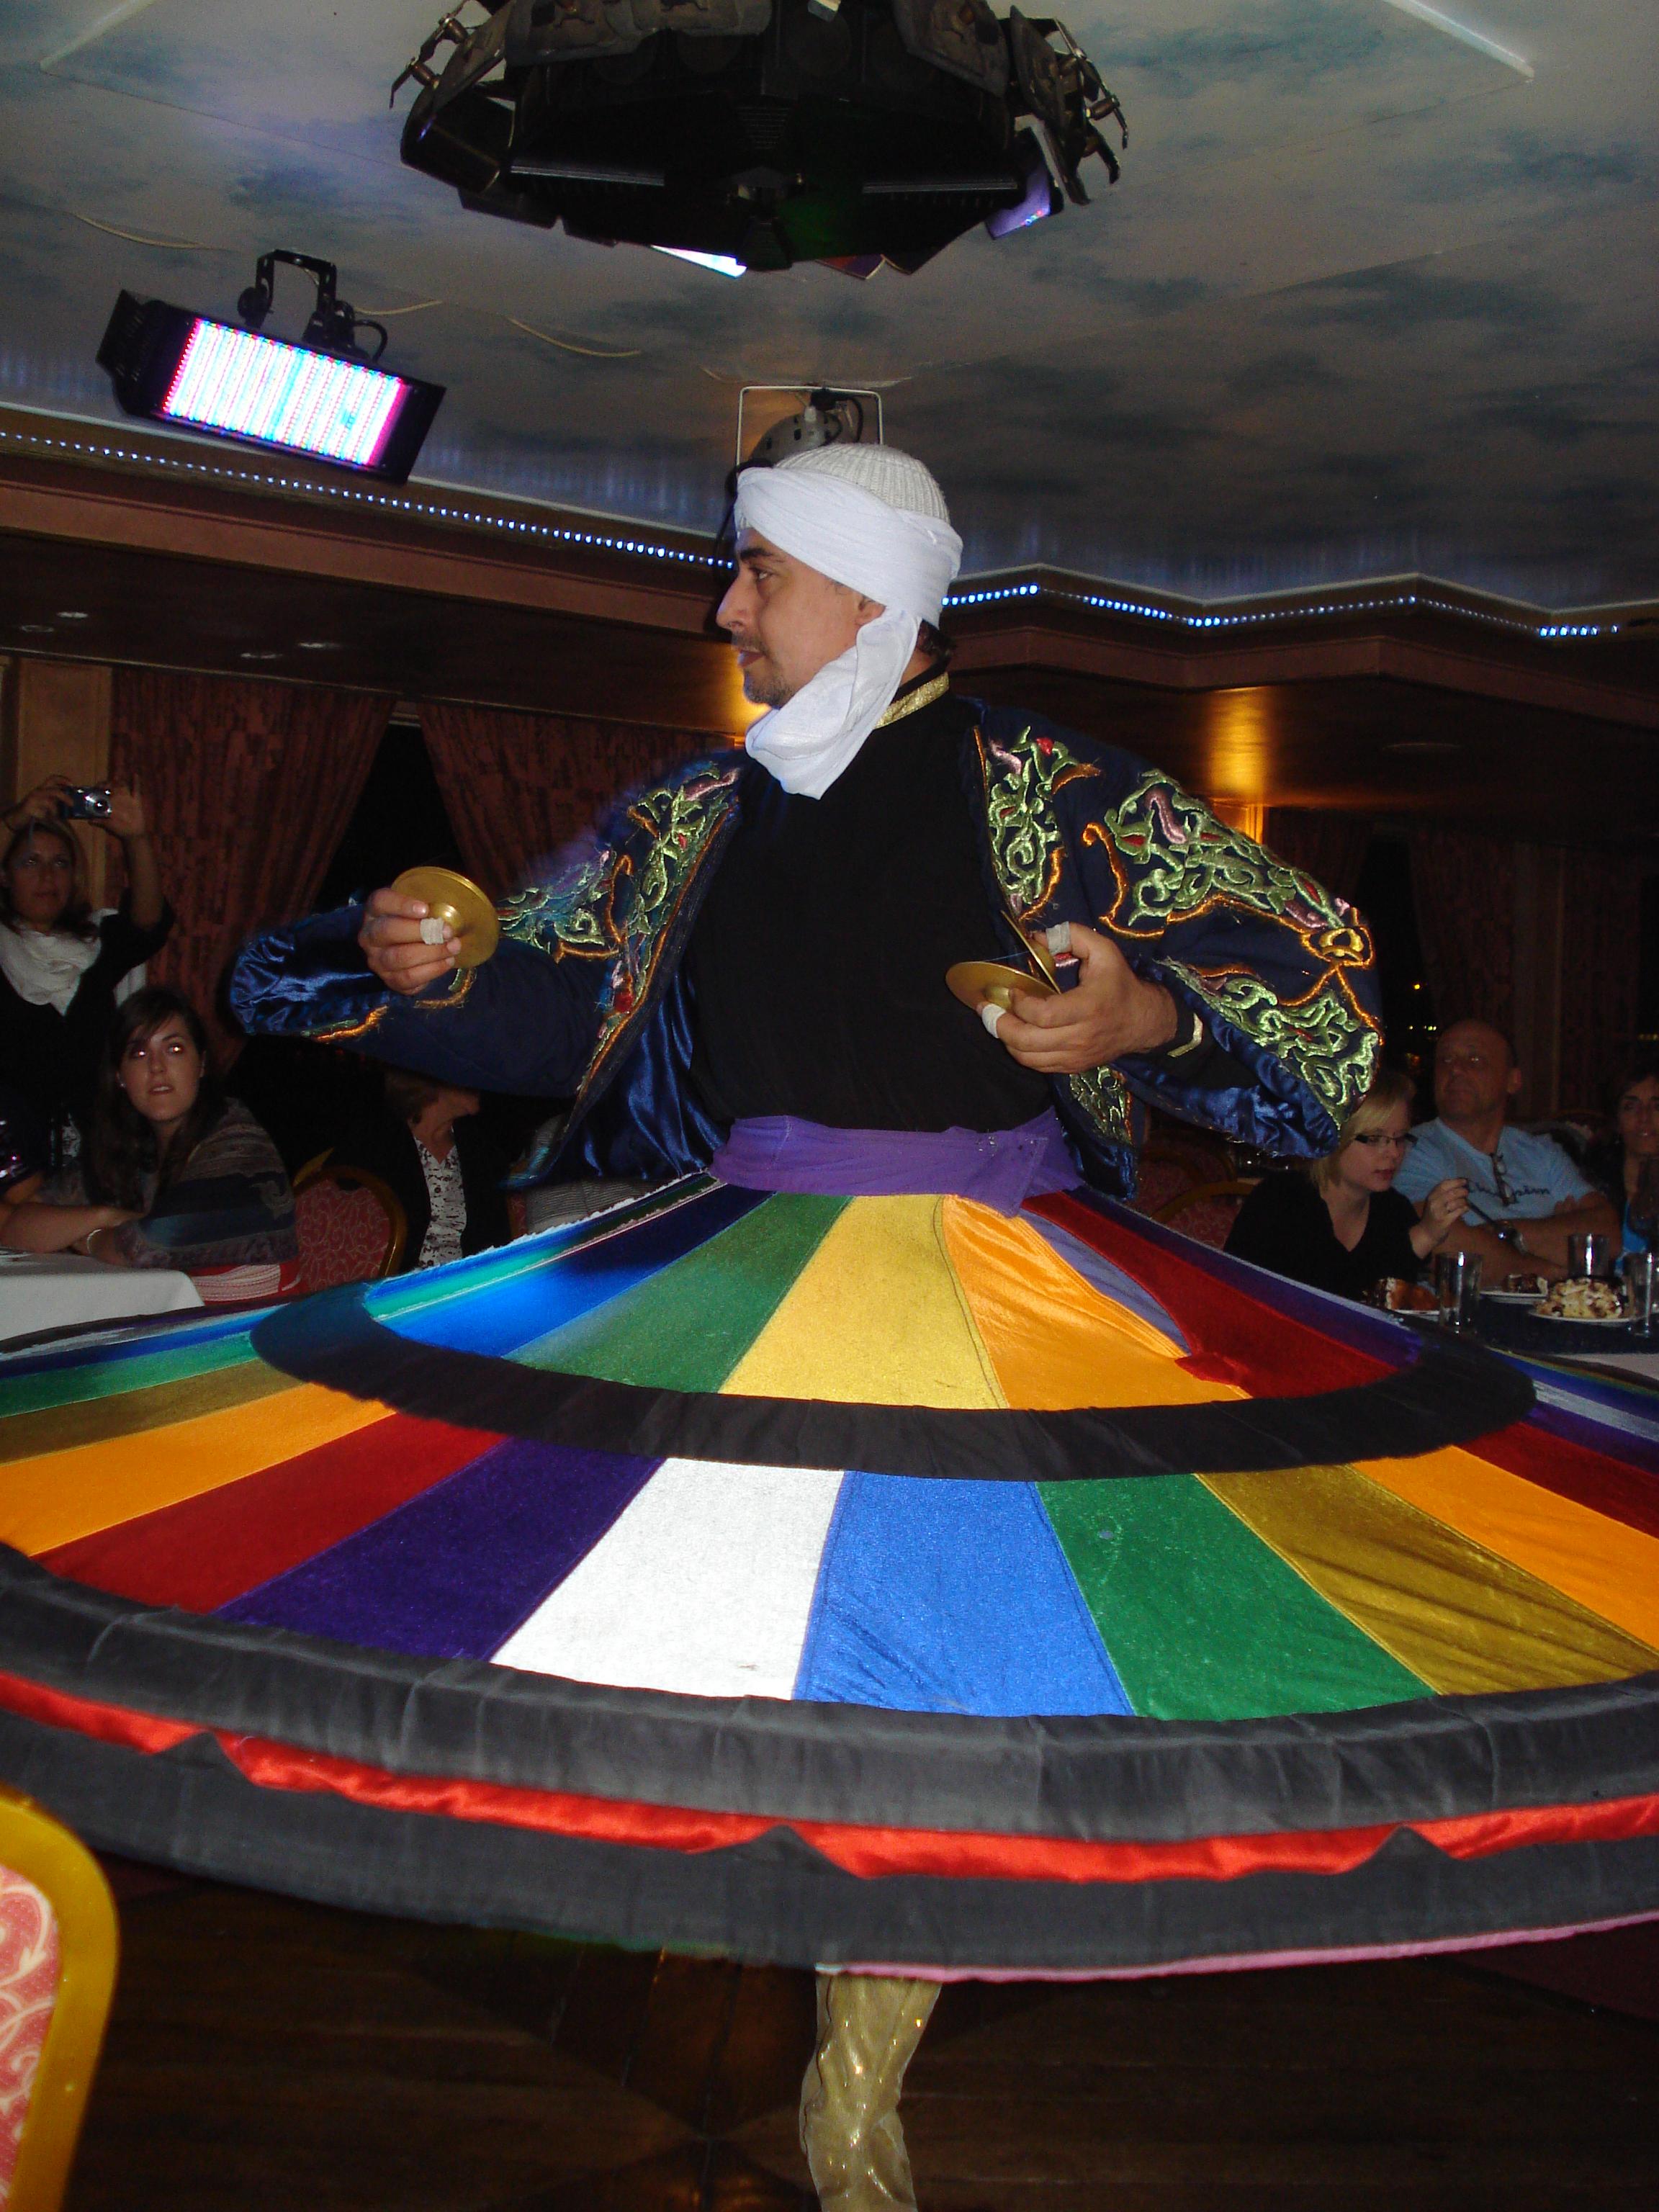 Dansator Sufi dancing